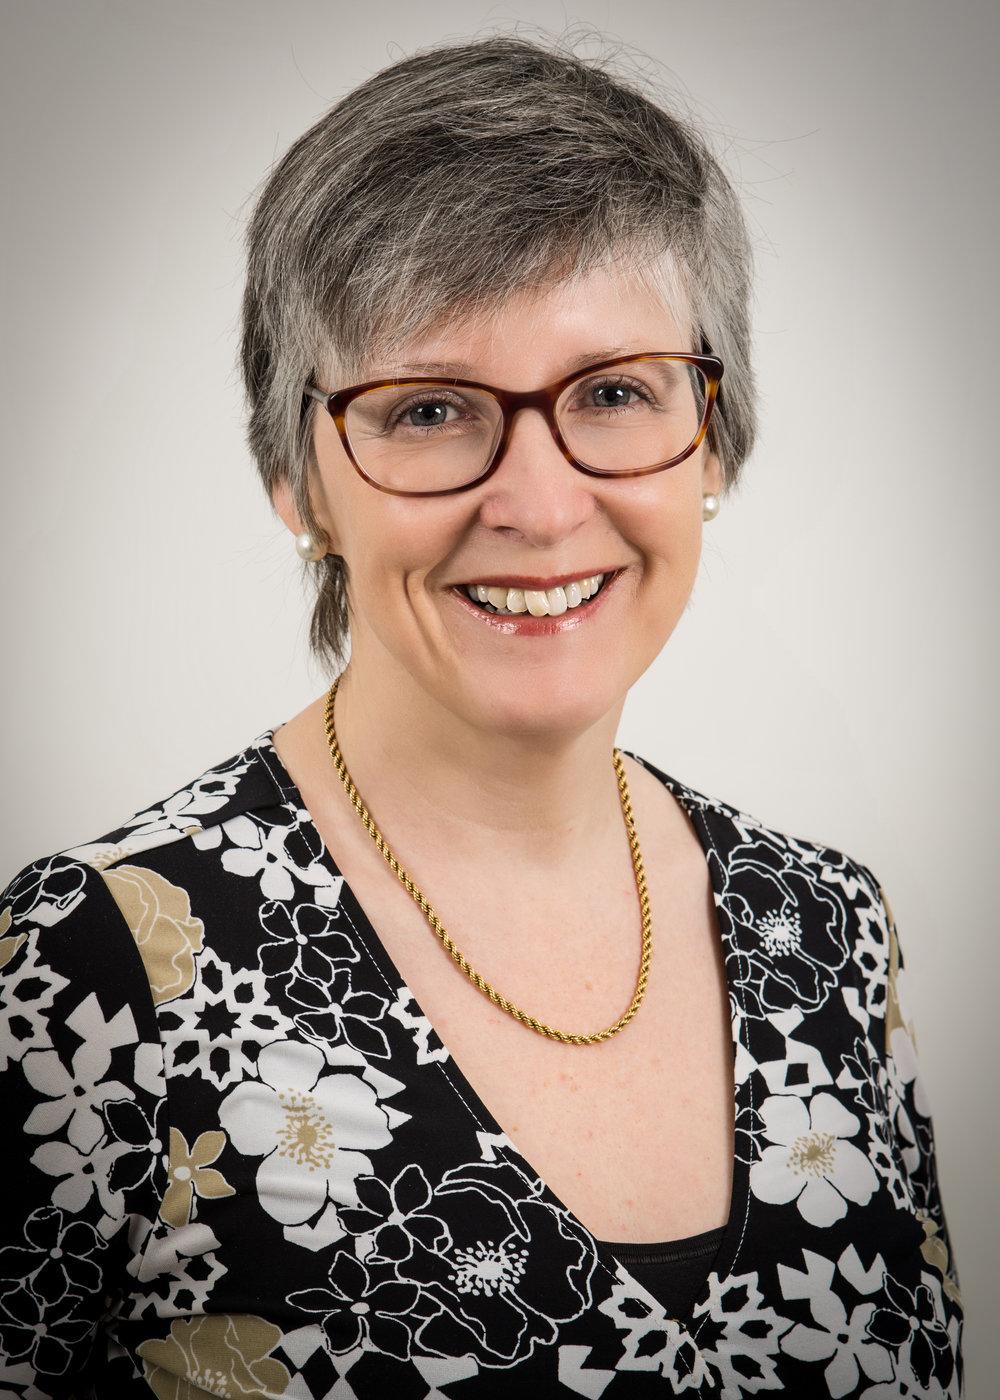 Jennifer Denning, Founder at Finling